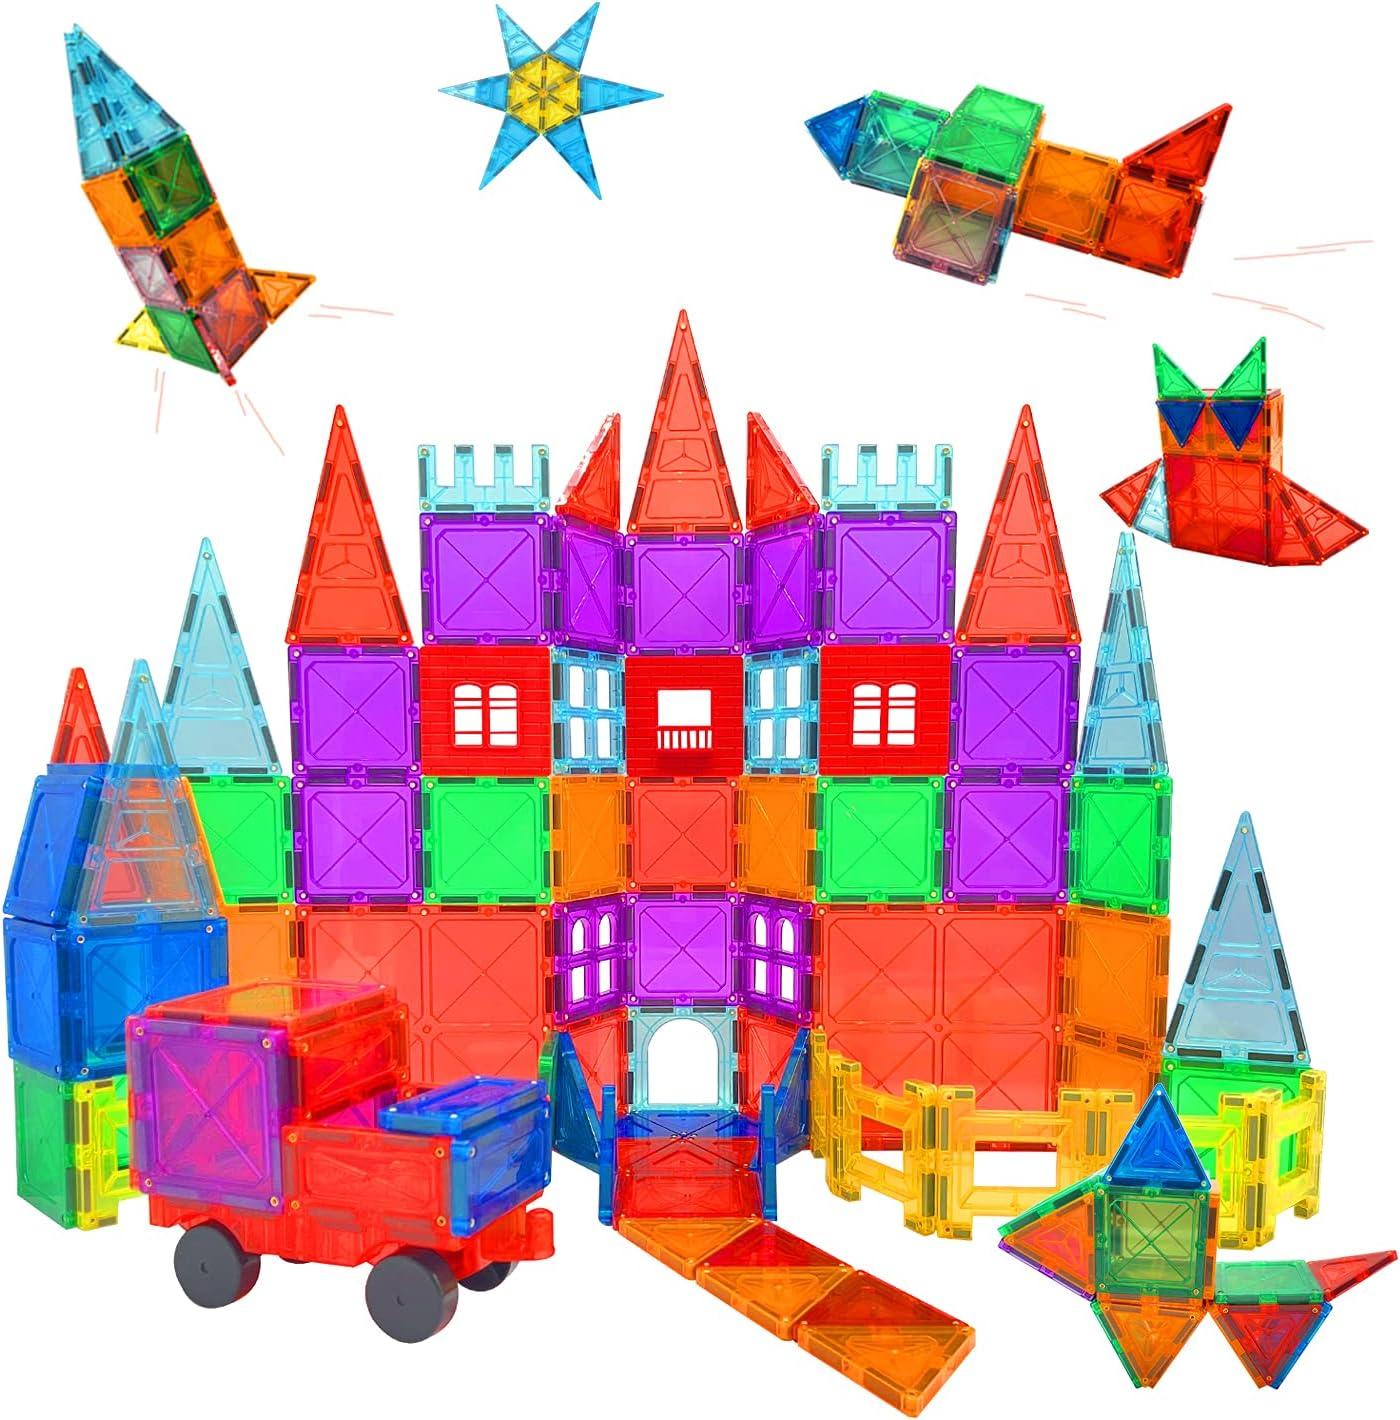 Condis 101 Piezas Bloques de Construcción Magnéticos para Niños, Juguetes Niños de 3 4 5 6 7 8 Años Juegos Magneticos Educativos Viaje Juego de Imanes magneticas para Niños Niñas Montessori Regalos